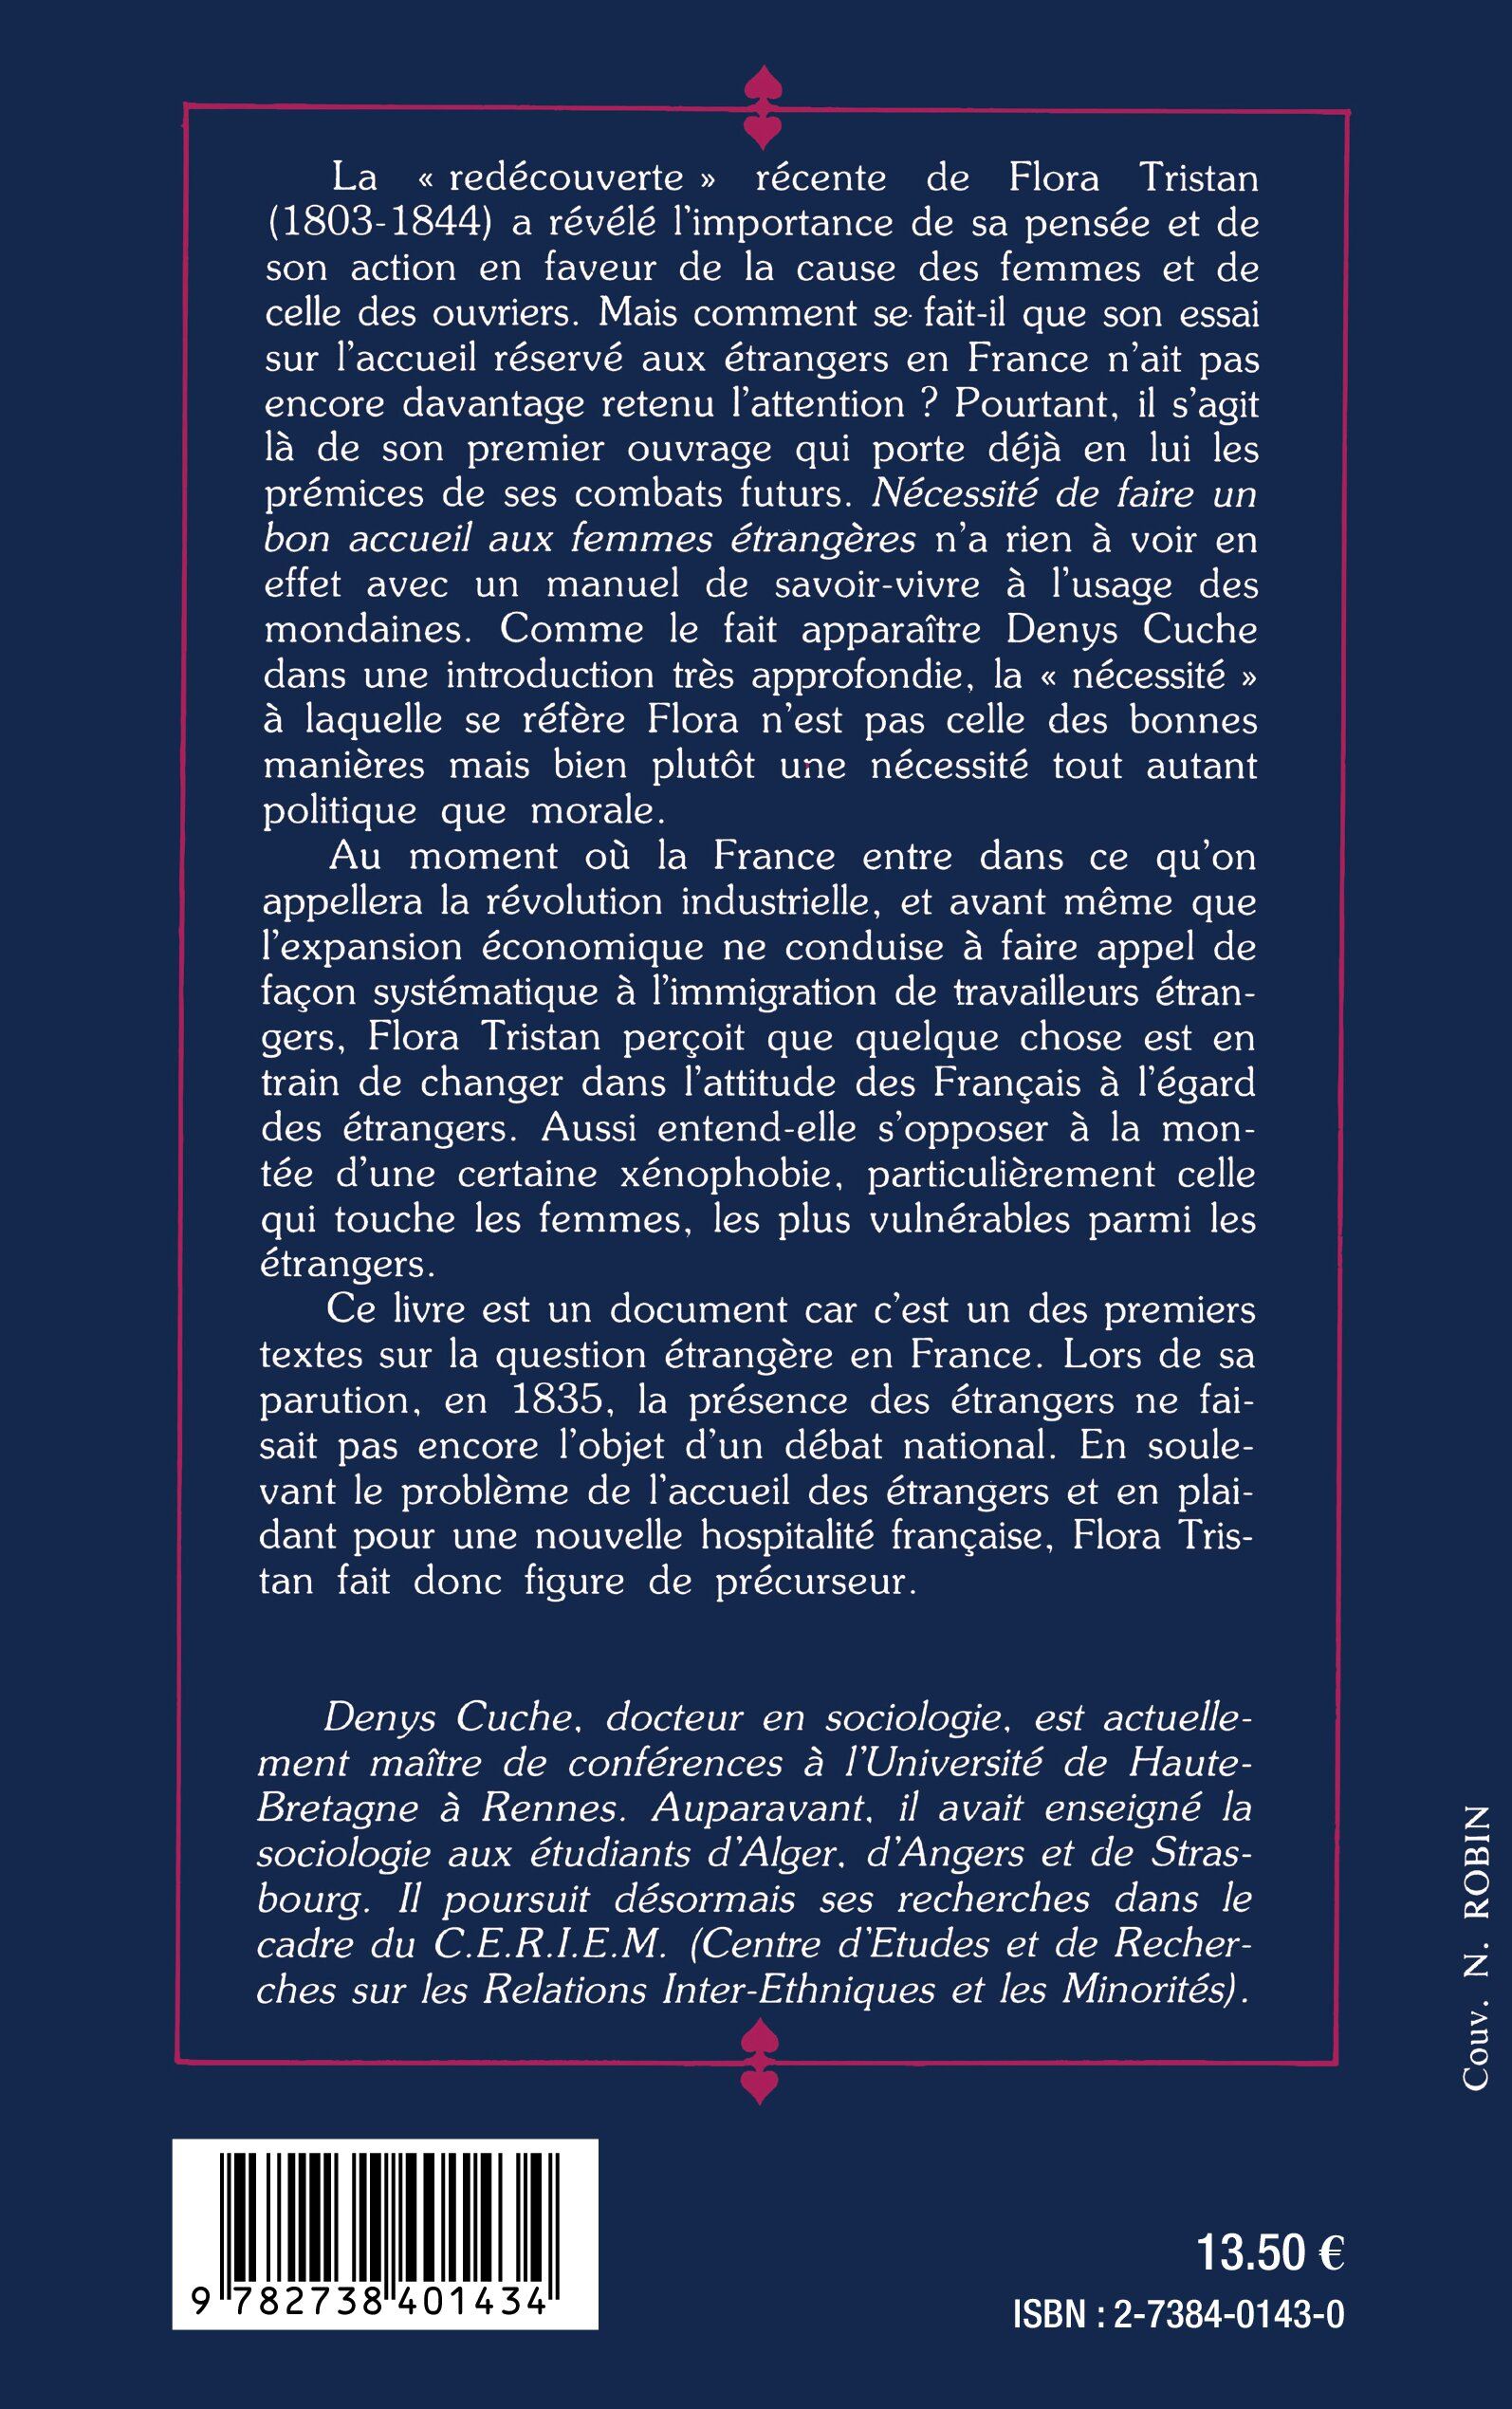 LA ZAD EN L'ÉTROIT TERRITOIRE - L'OUTRE-RÉEL IV.2 2738401430v